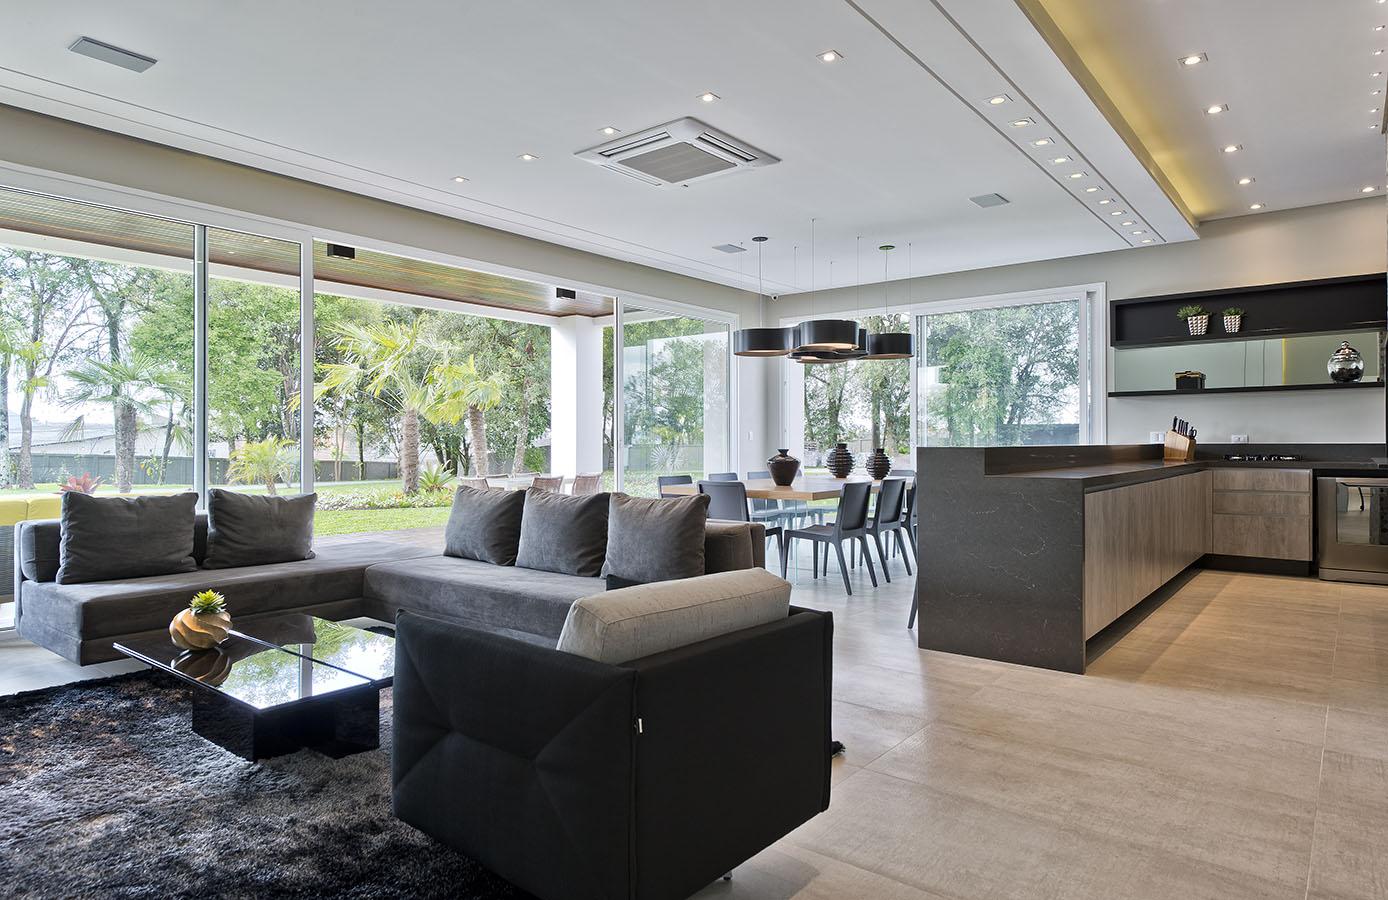 Arquiteto_Curitiba_Arquiteta_AlessandraGandolfi_Residência_LFP_Interiores_2949